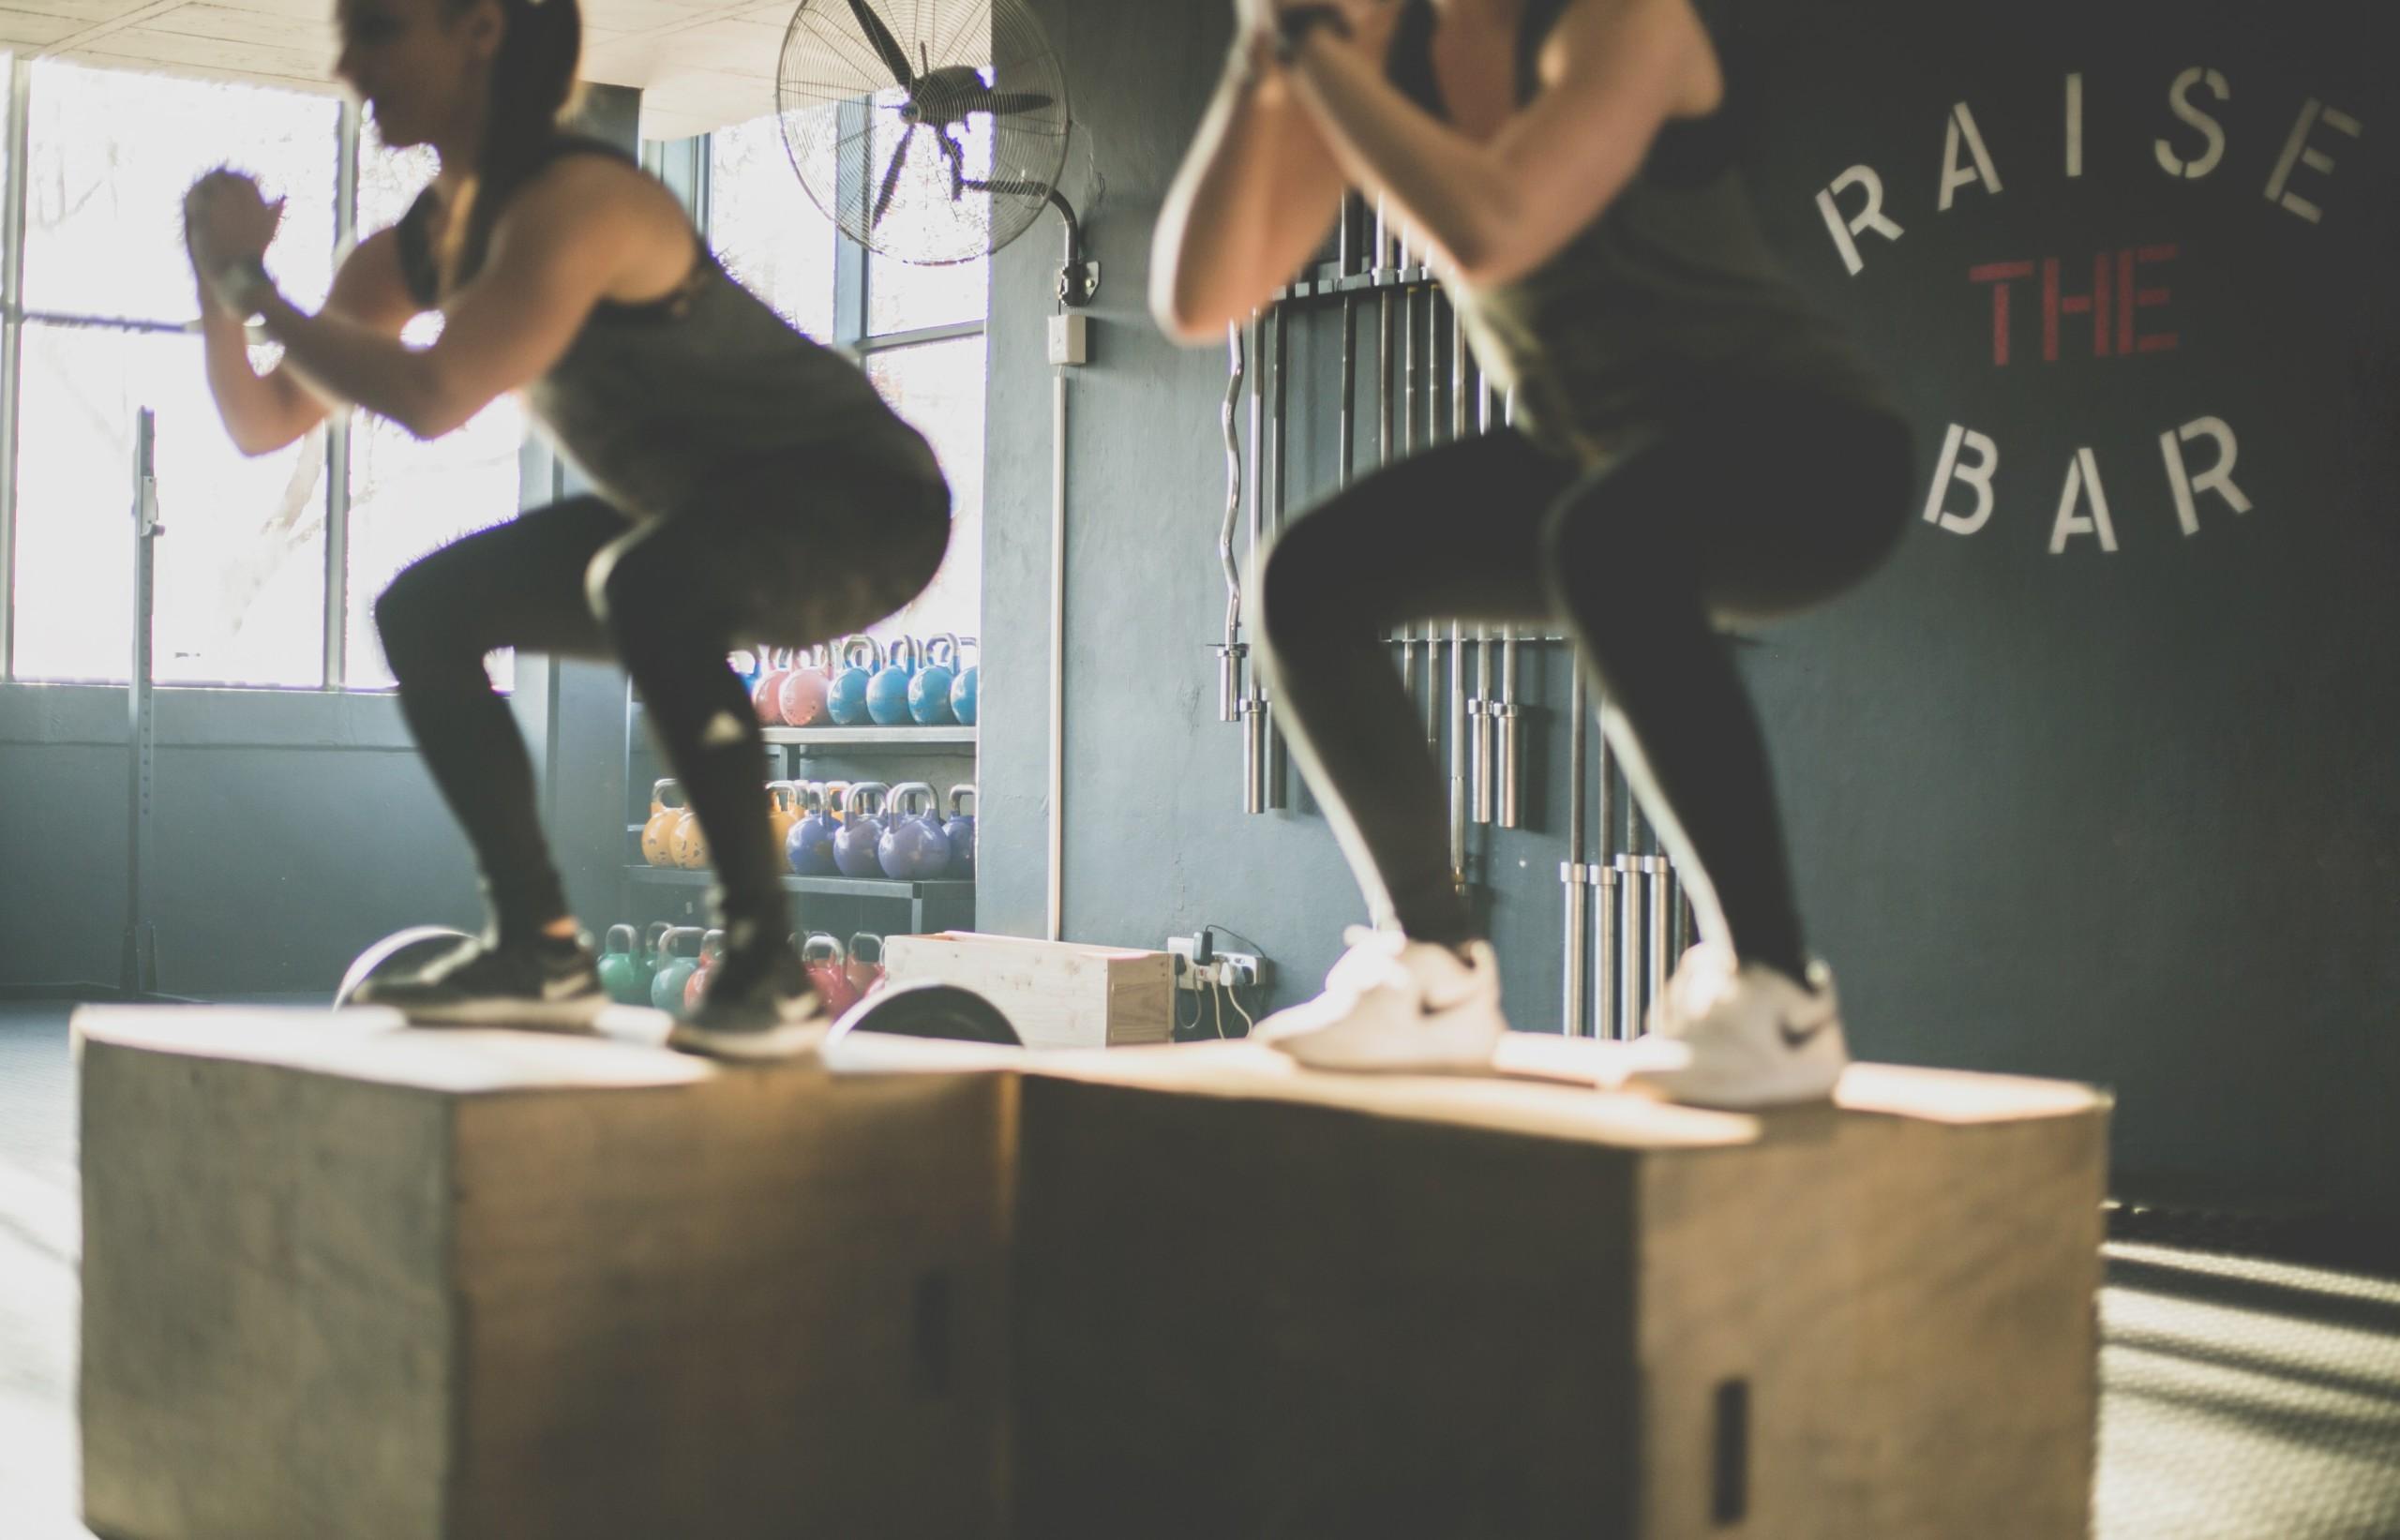 トレーナー直伝】スクワットで腹筋も強化!5つのポイントや正しいフォームを解説 | RETIO BODY DESIGN